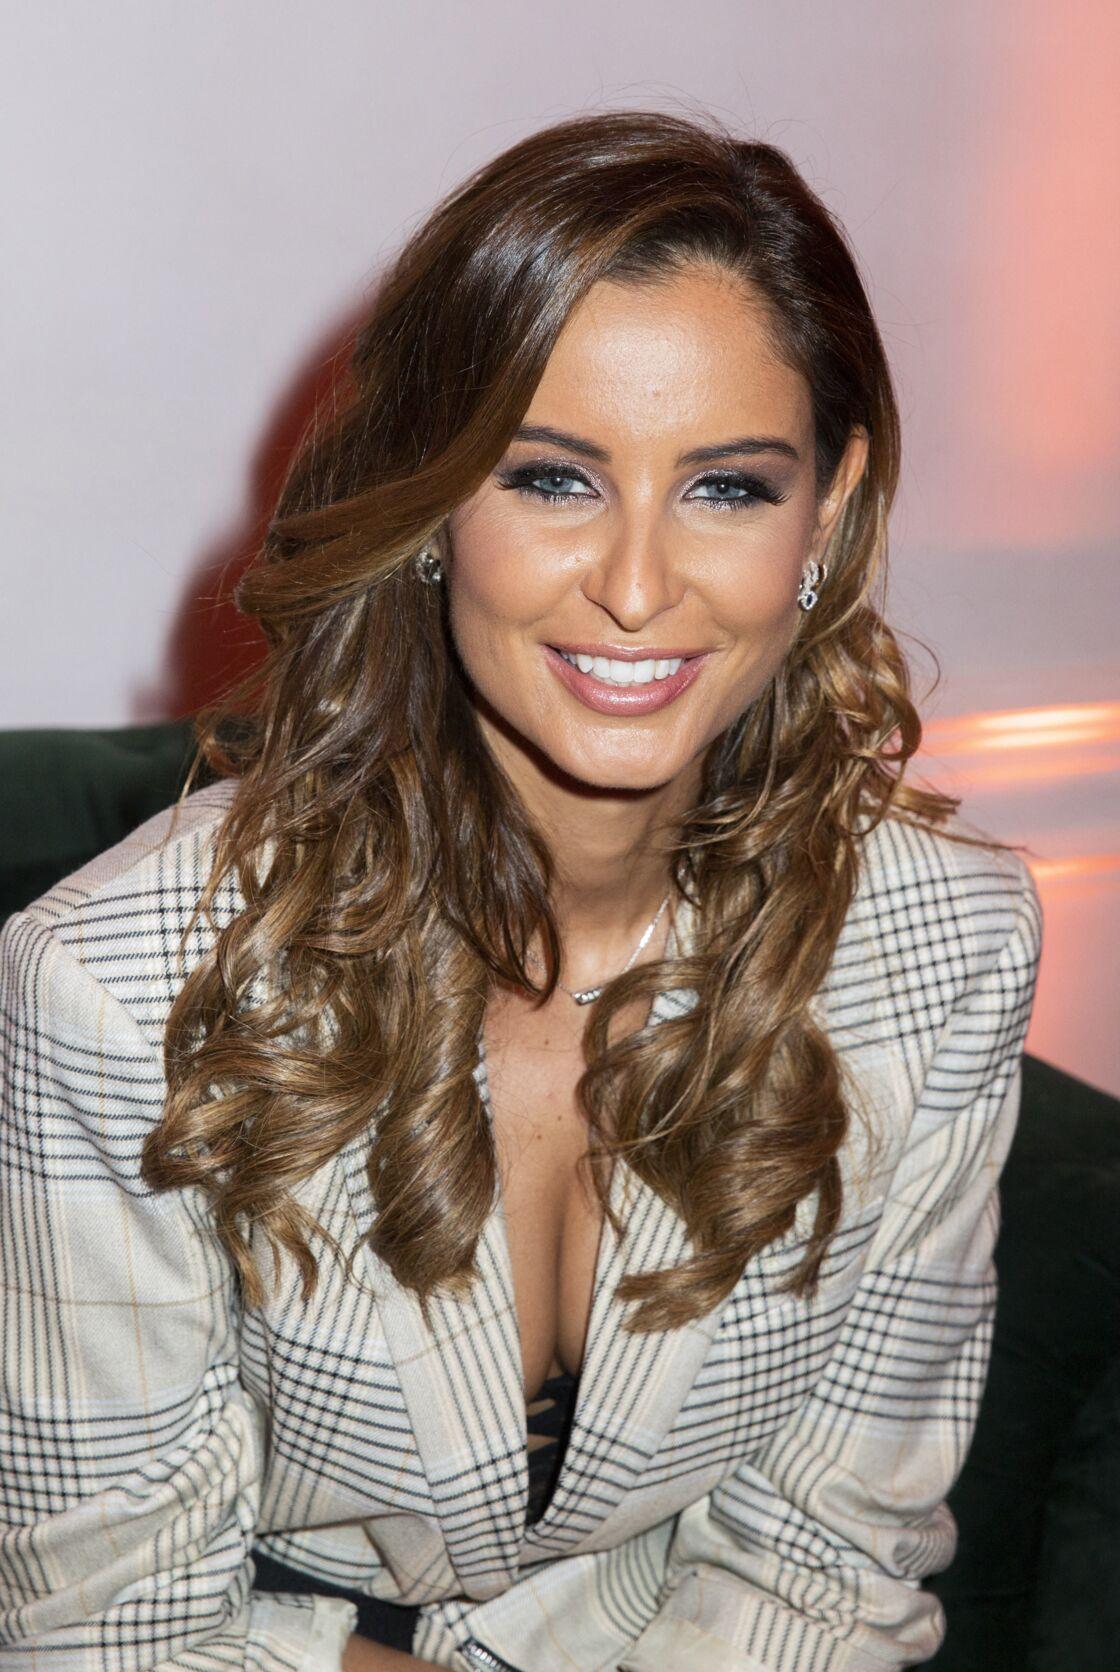 Malika Ménard (Miss France 2010) lors du lancement de l'émission de téléréalité Love Island présentée par N.Benattia sur Amazon Prime à Paris, France, le 2 mars 2020.